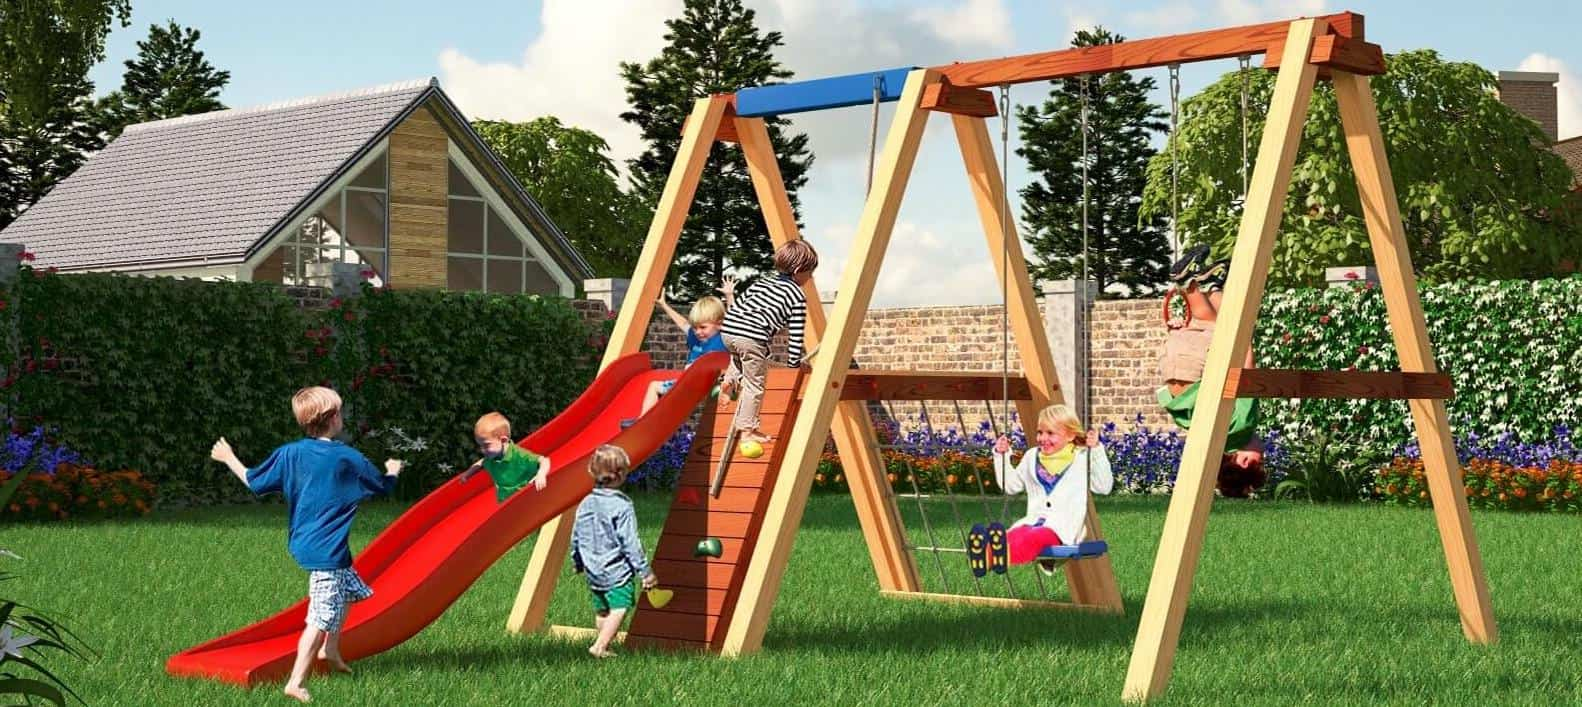 Детская площадка на даче ⚽ своими руками: покрытие, чертежи и схемы и как сделать